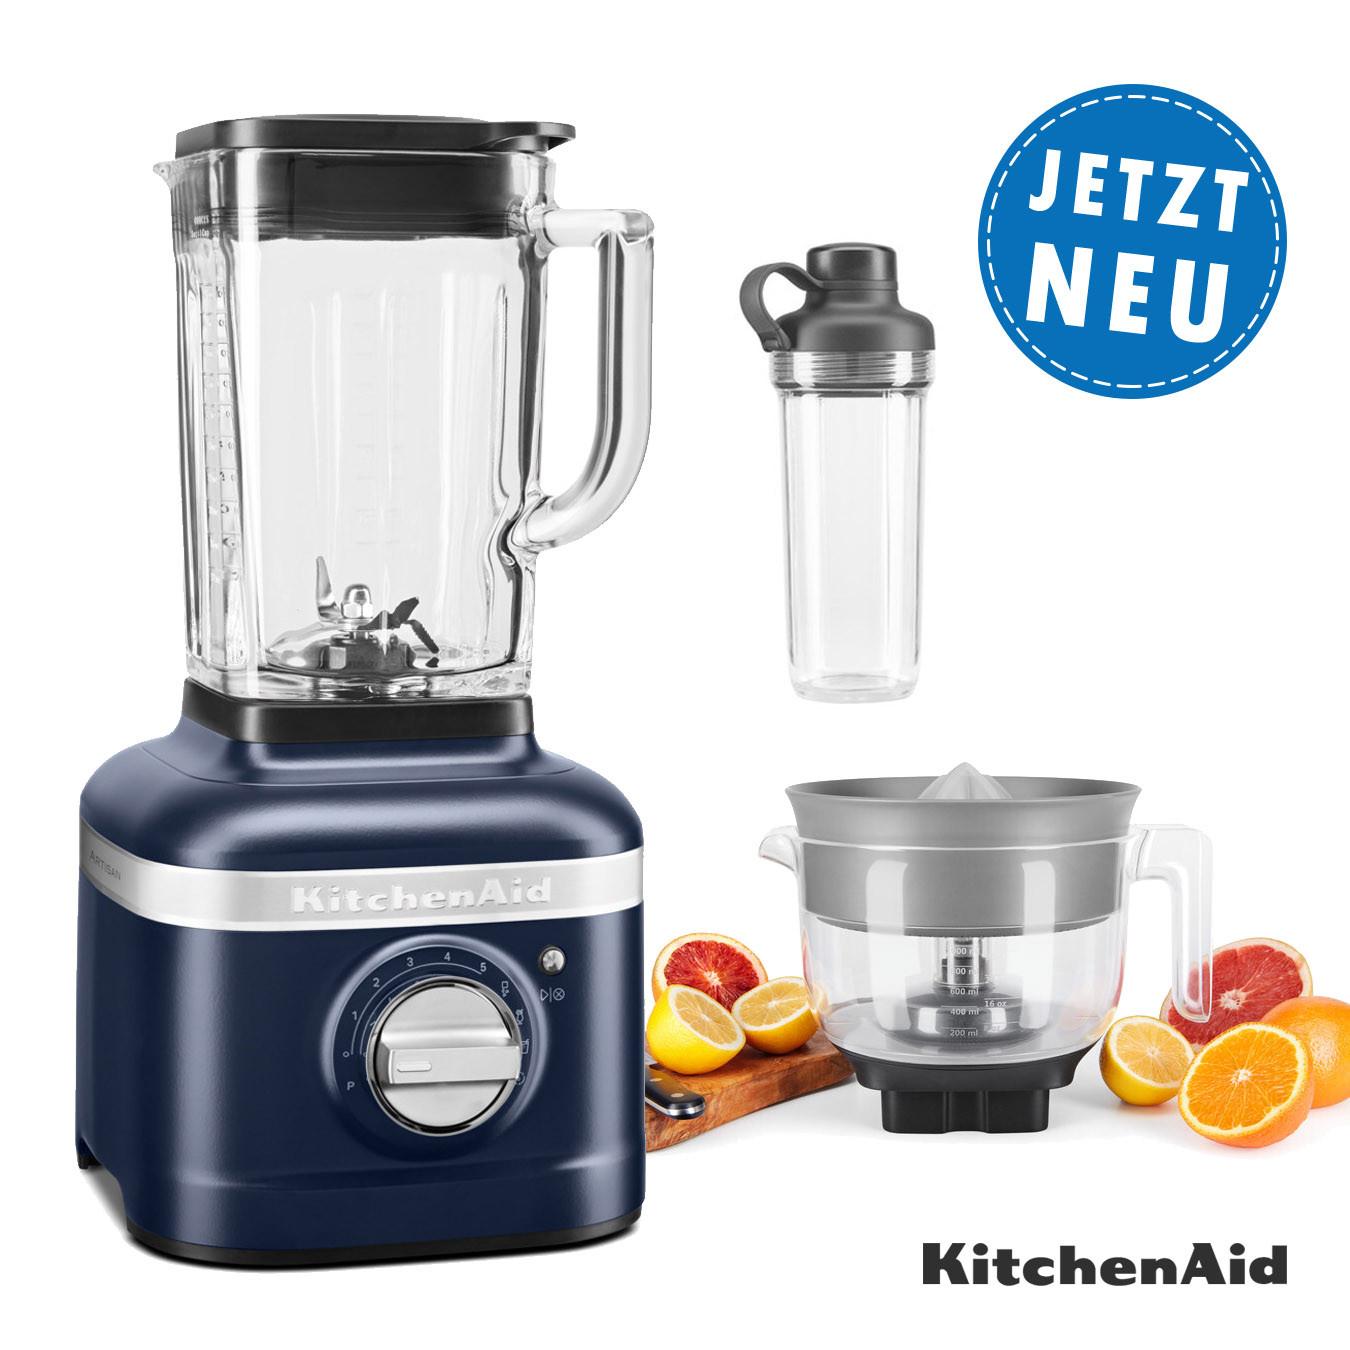 KitchenAid ARTISAN K400 Standmixer 5KSB4026EIB mit Zitruspresse und 1x To-Go